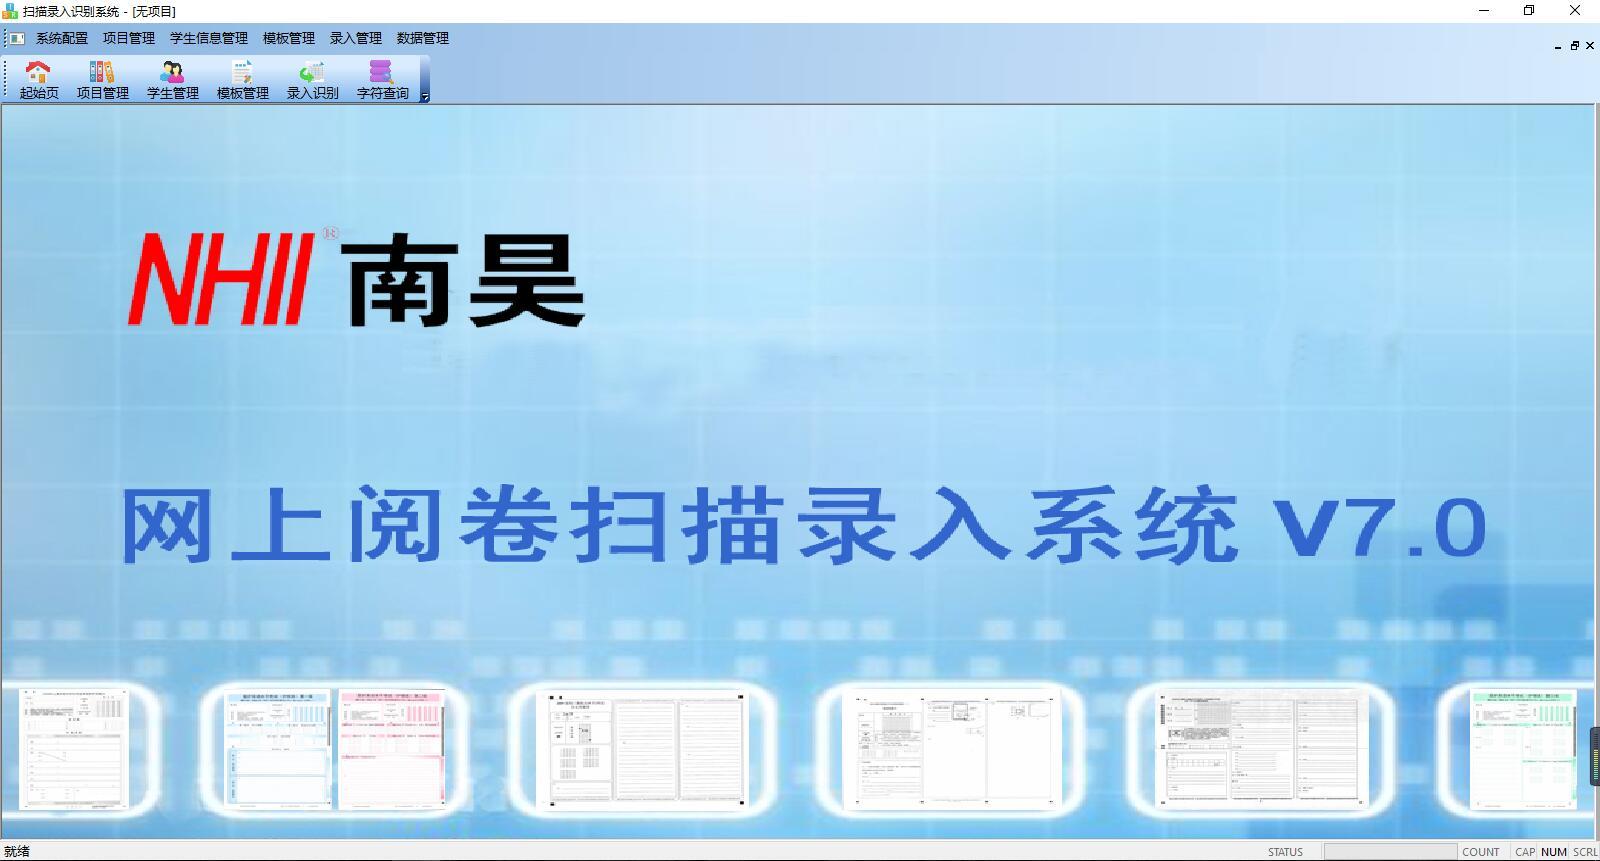 濮阳县网上阅卷系统厂家 网上阅卷系统专卖 代理|行业资讯-河北省南昊高新技术开发有限公司